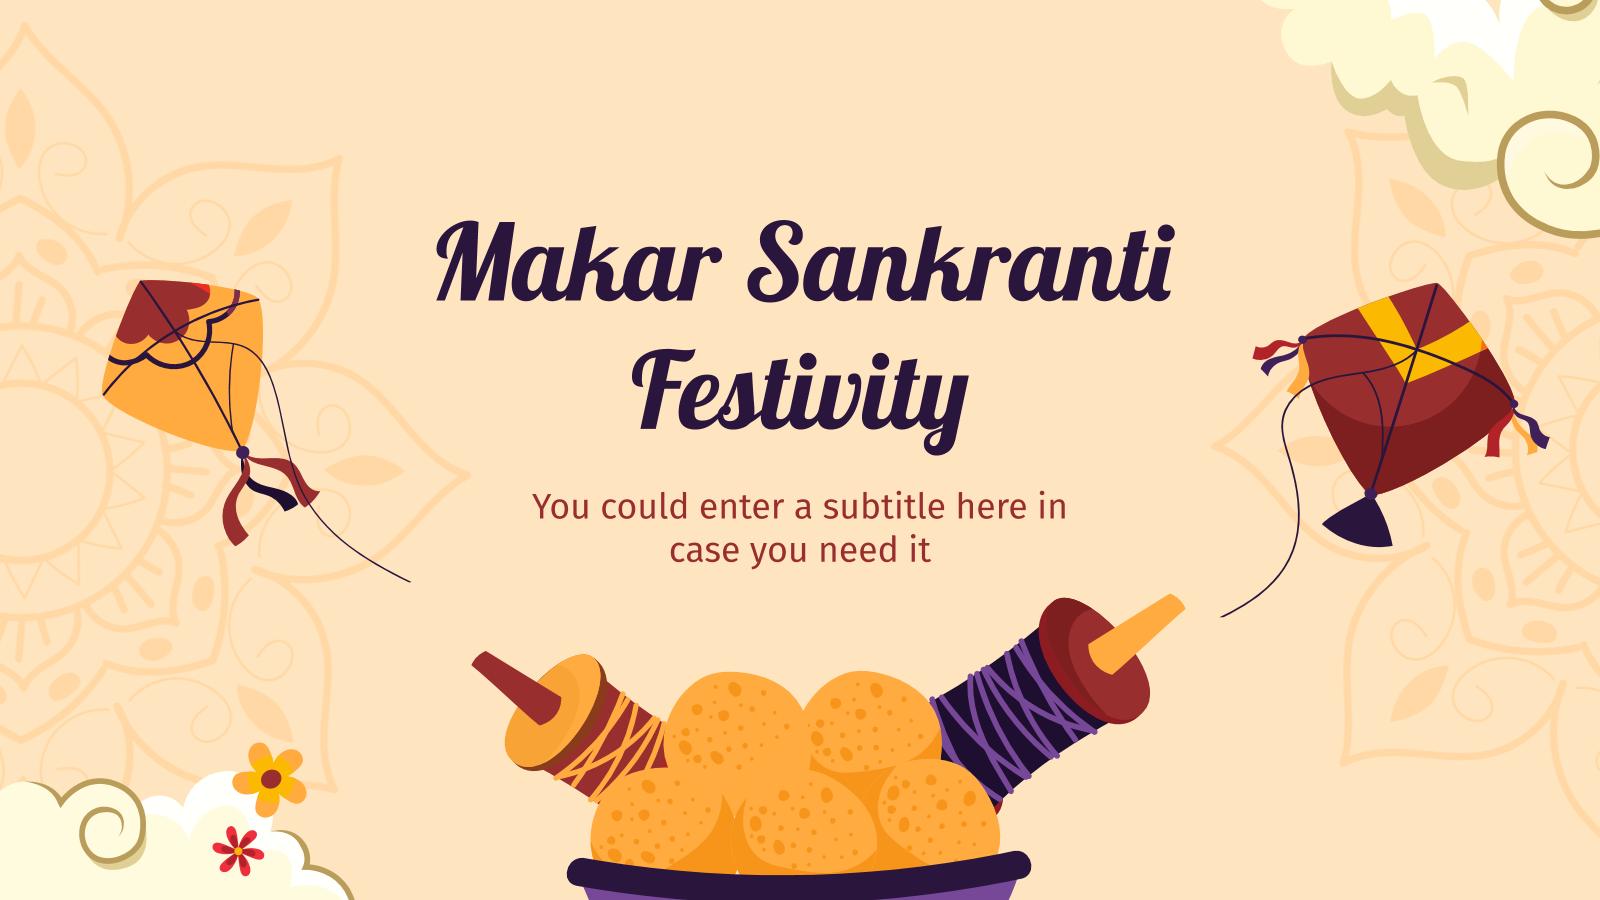 Fête de Makar Sankranti : Modèles de présentation